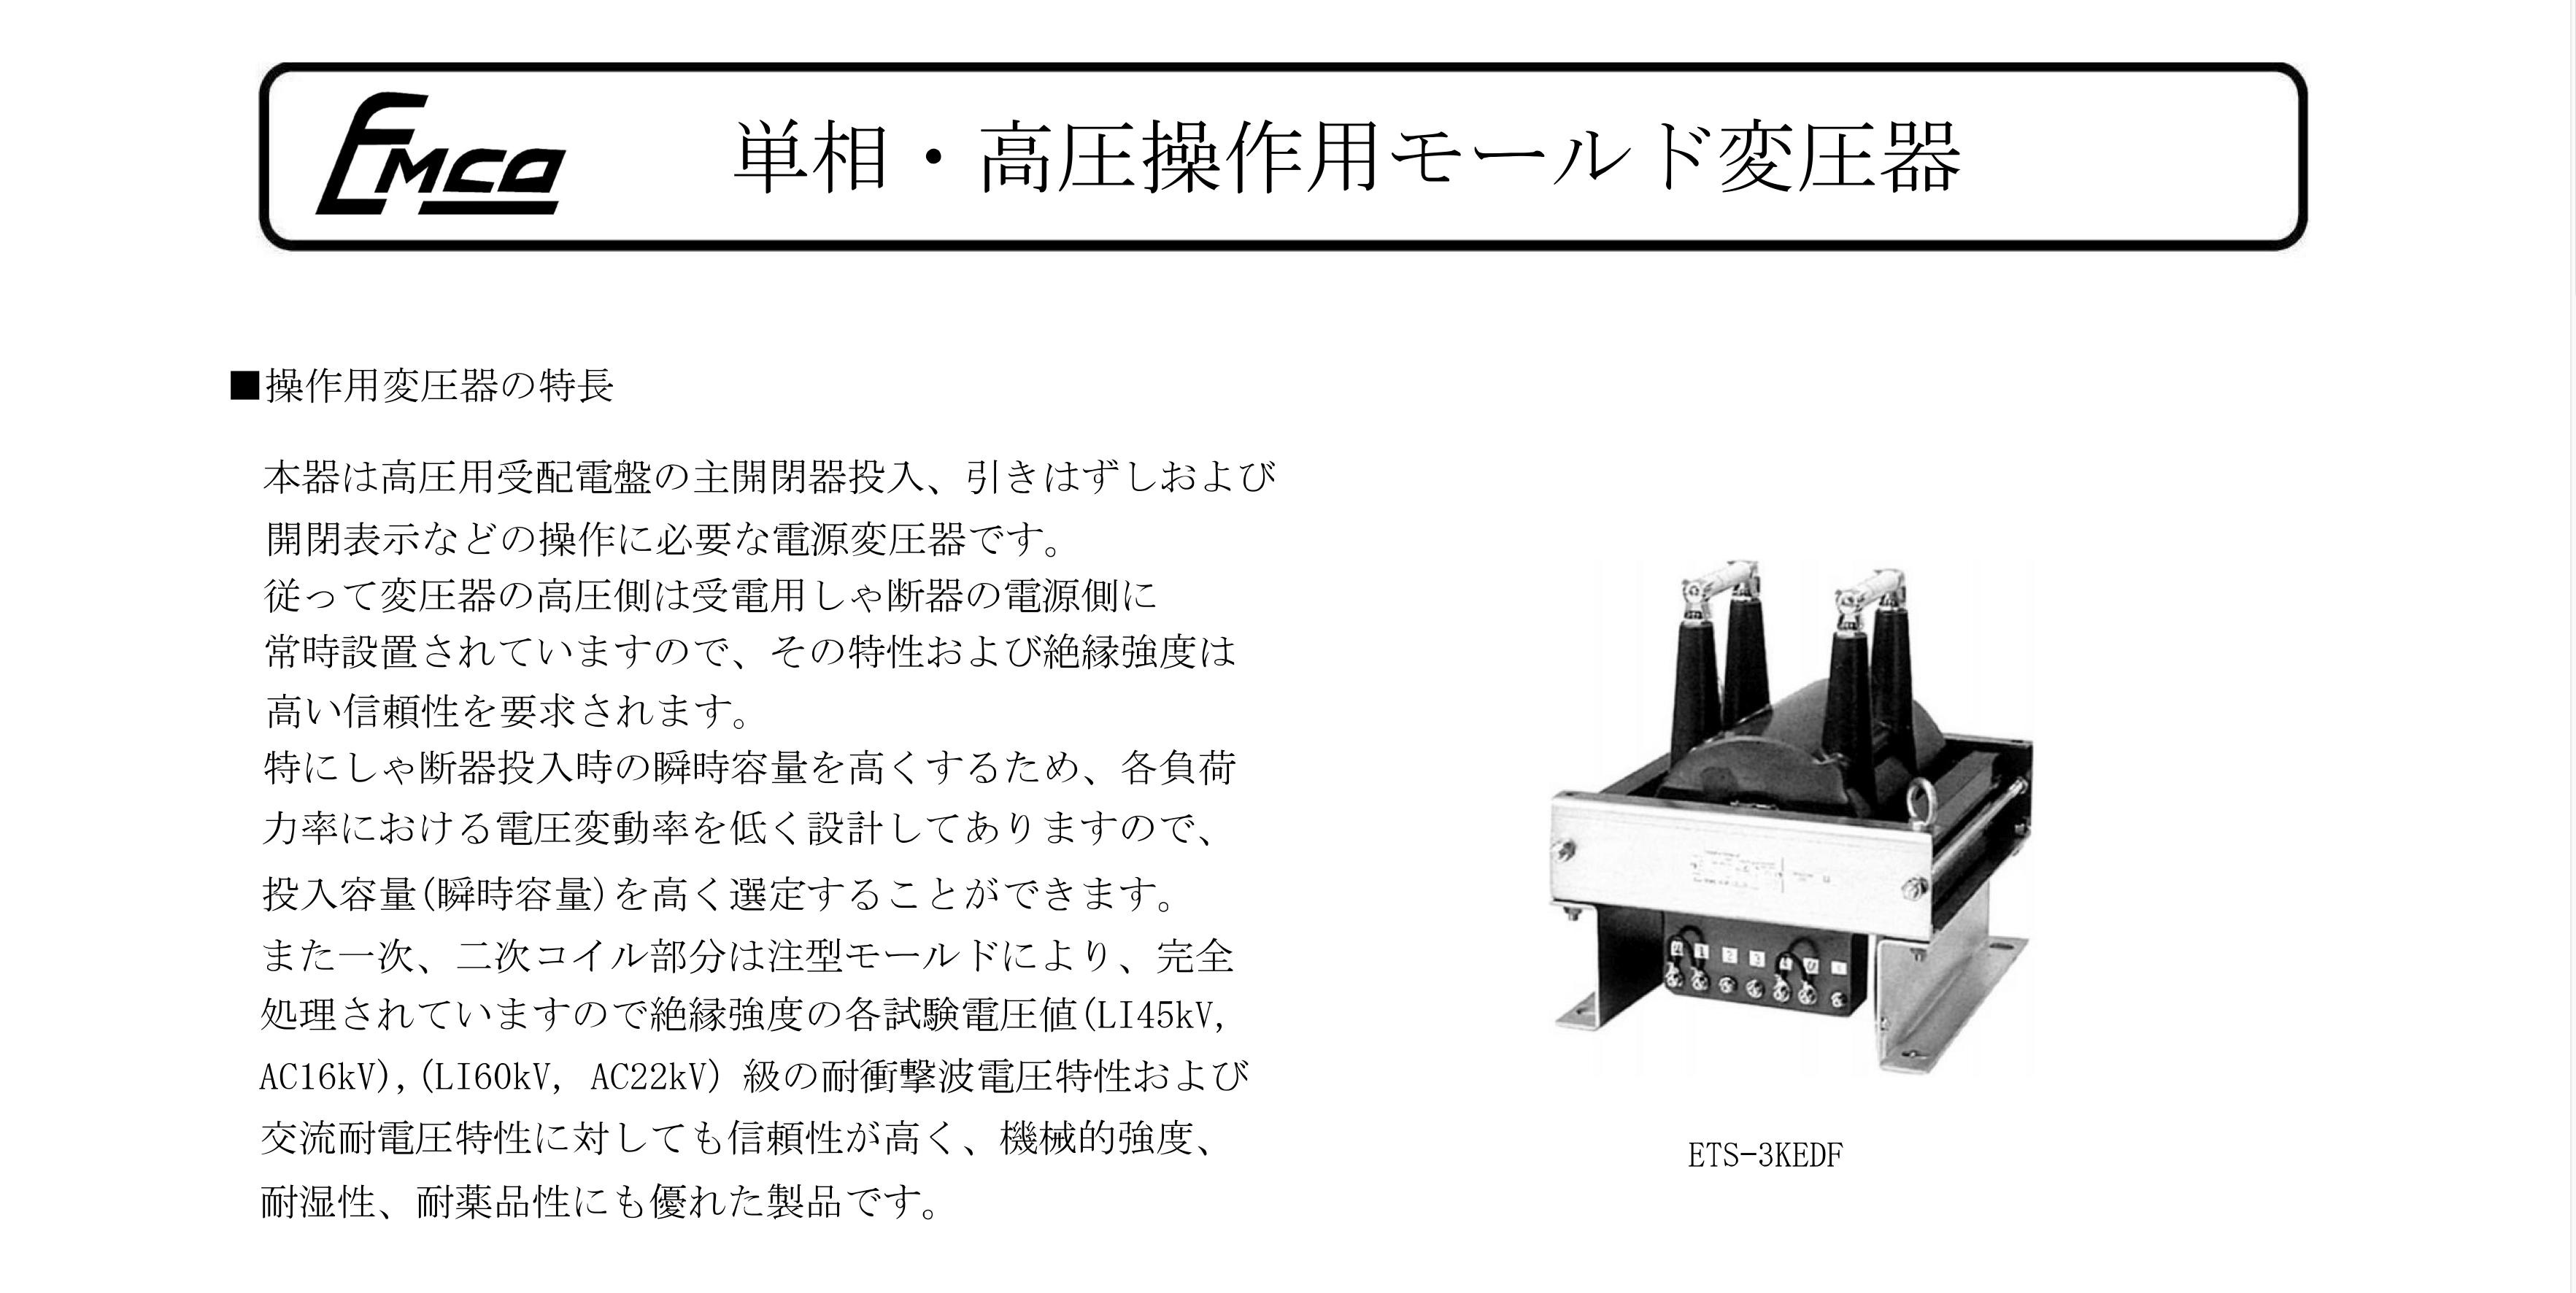 高圧操作用モールド変圧器